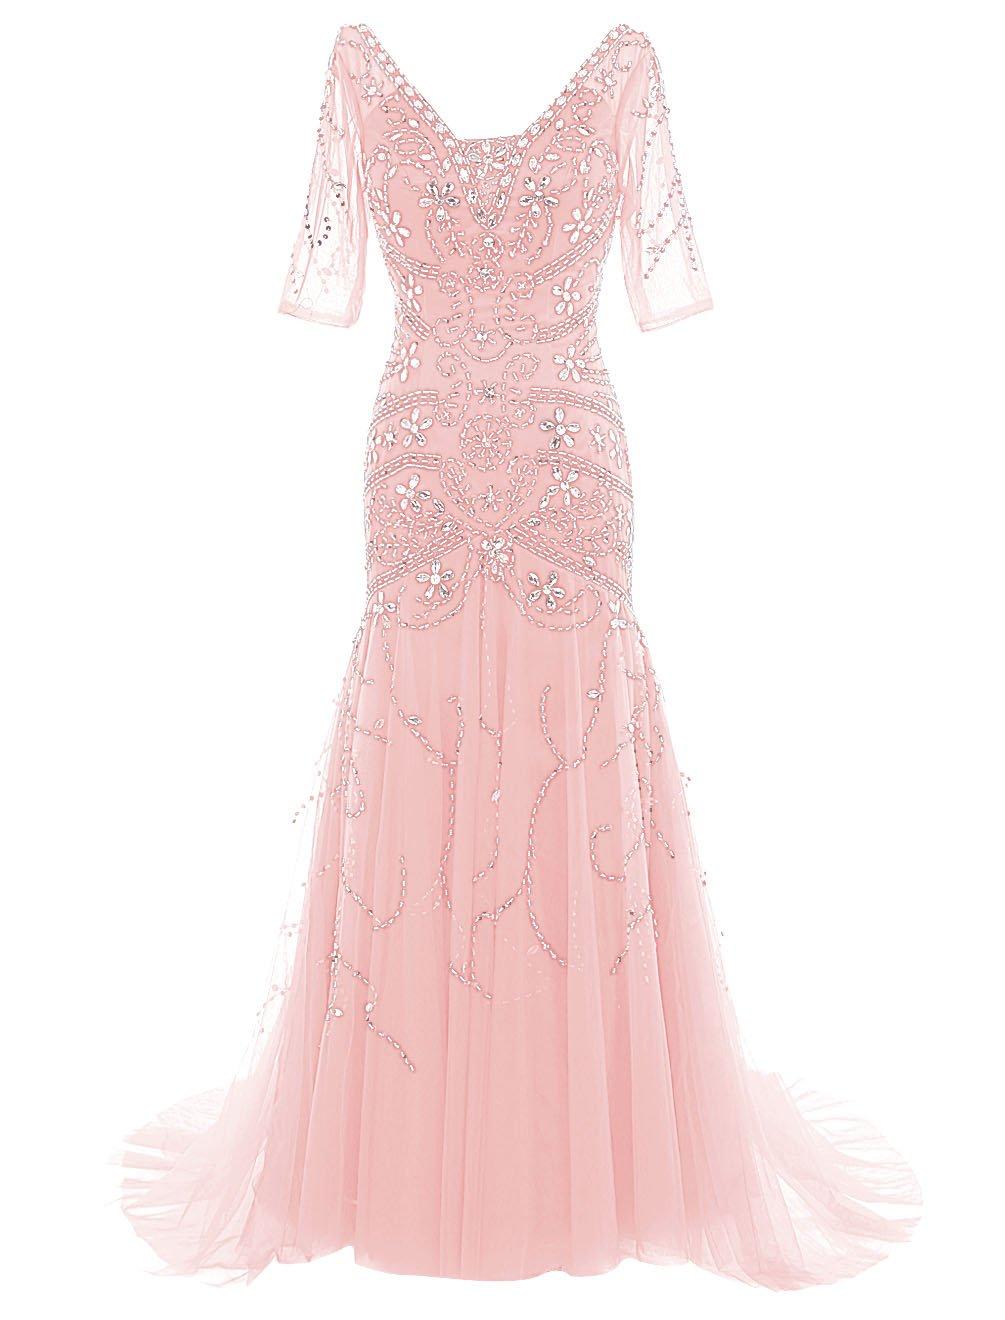 Dressystarレディースドレス ビーズ付く ロング丈 花嫁ドレス 袖あり レースアップバック ウェディングドレス 結婚式ドレス 二次会ドレス パーティーワンピース ステージドレス 演奏会 コンサートワンピース B018XDTXM6 19|ピンク ピンク 19